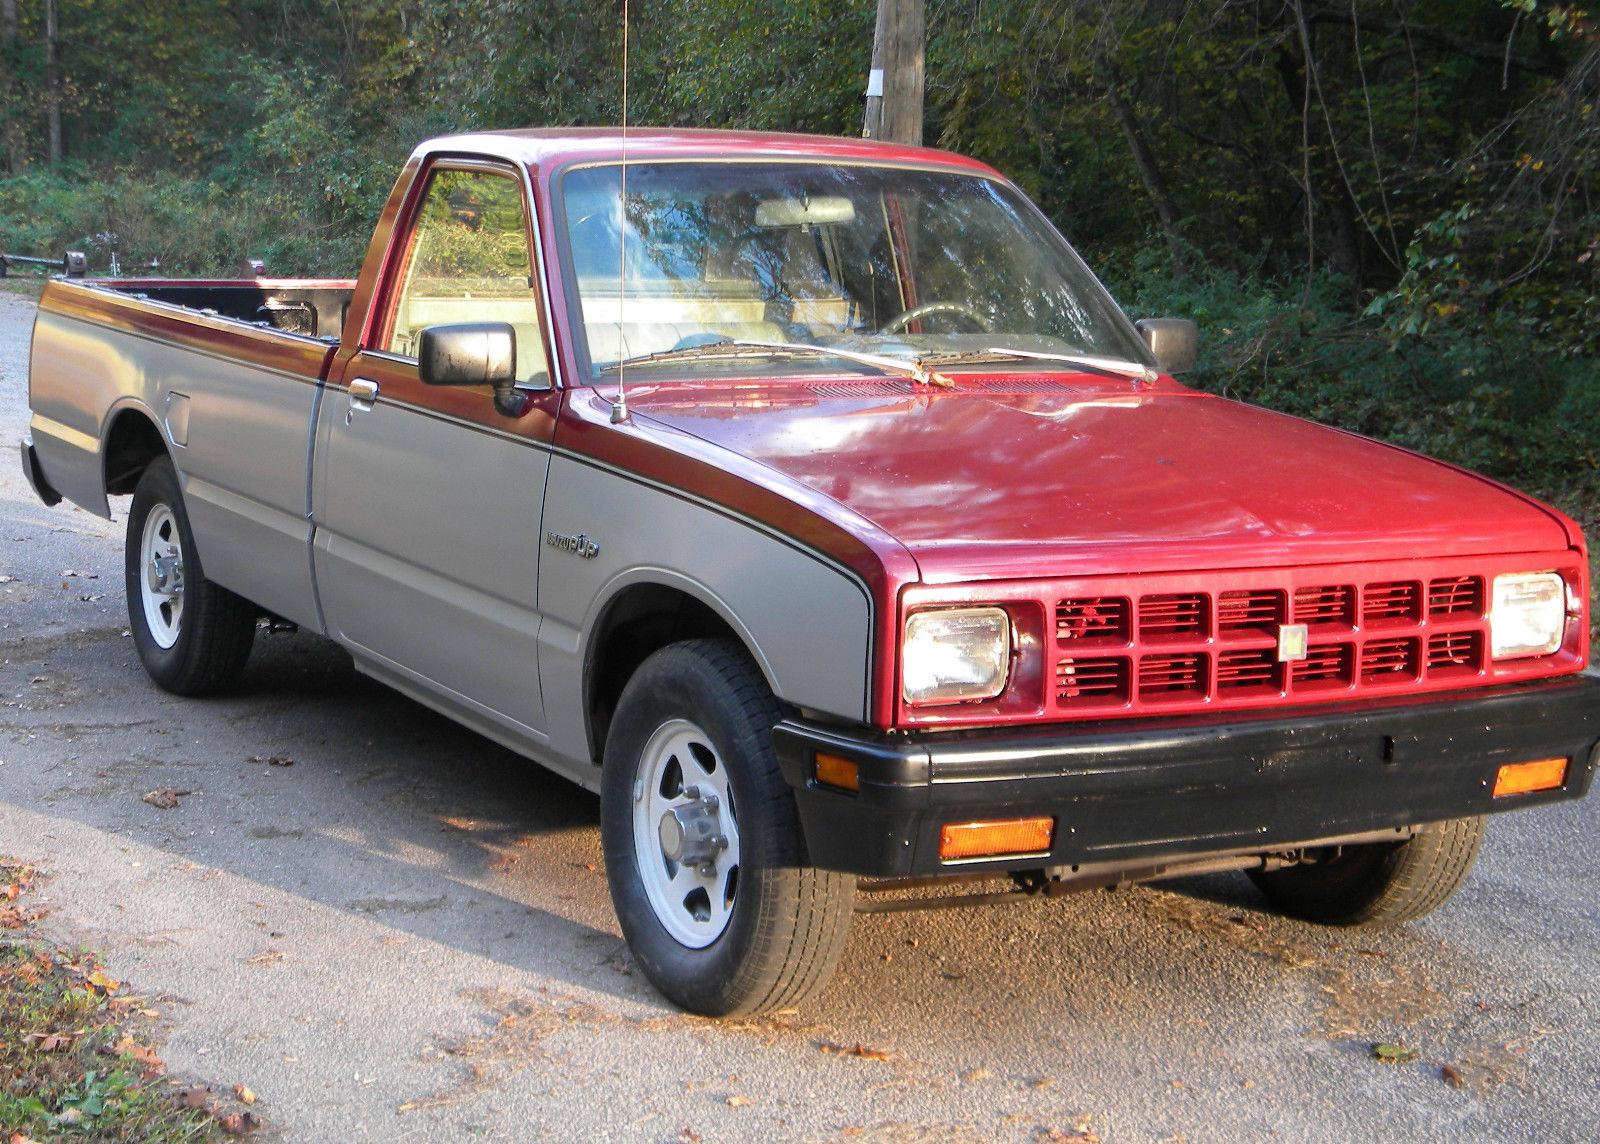 1984 Isuzu Pup 2 2 Diesel LS pickup truck 5 speed